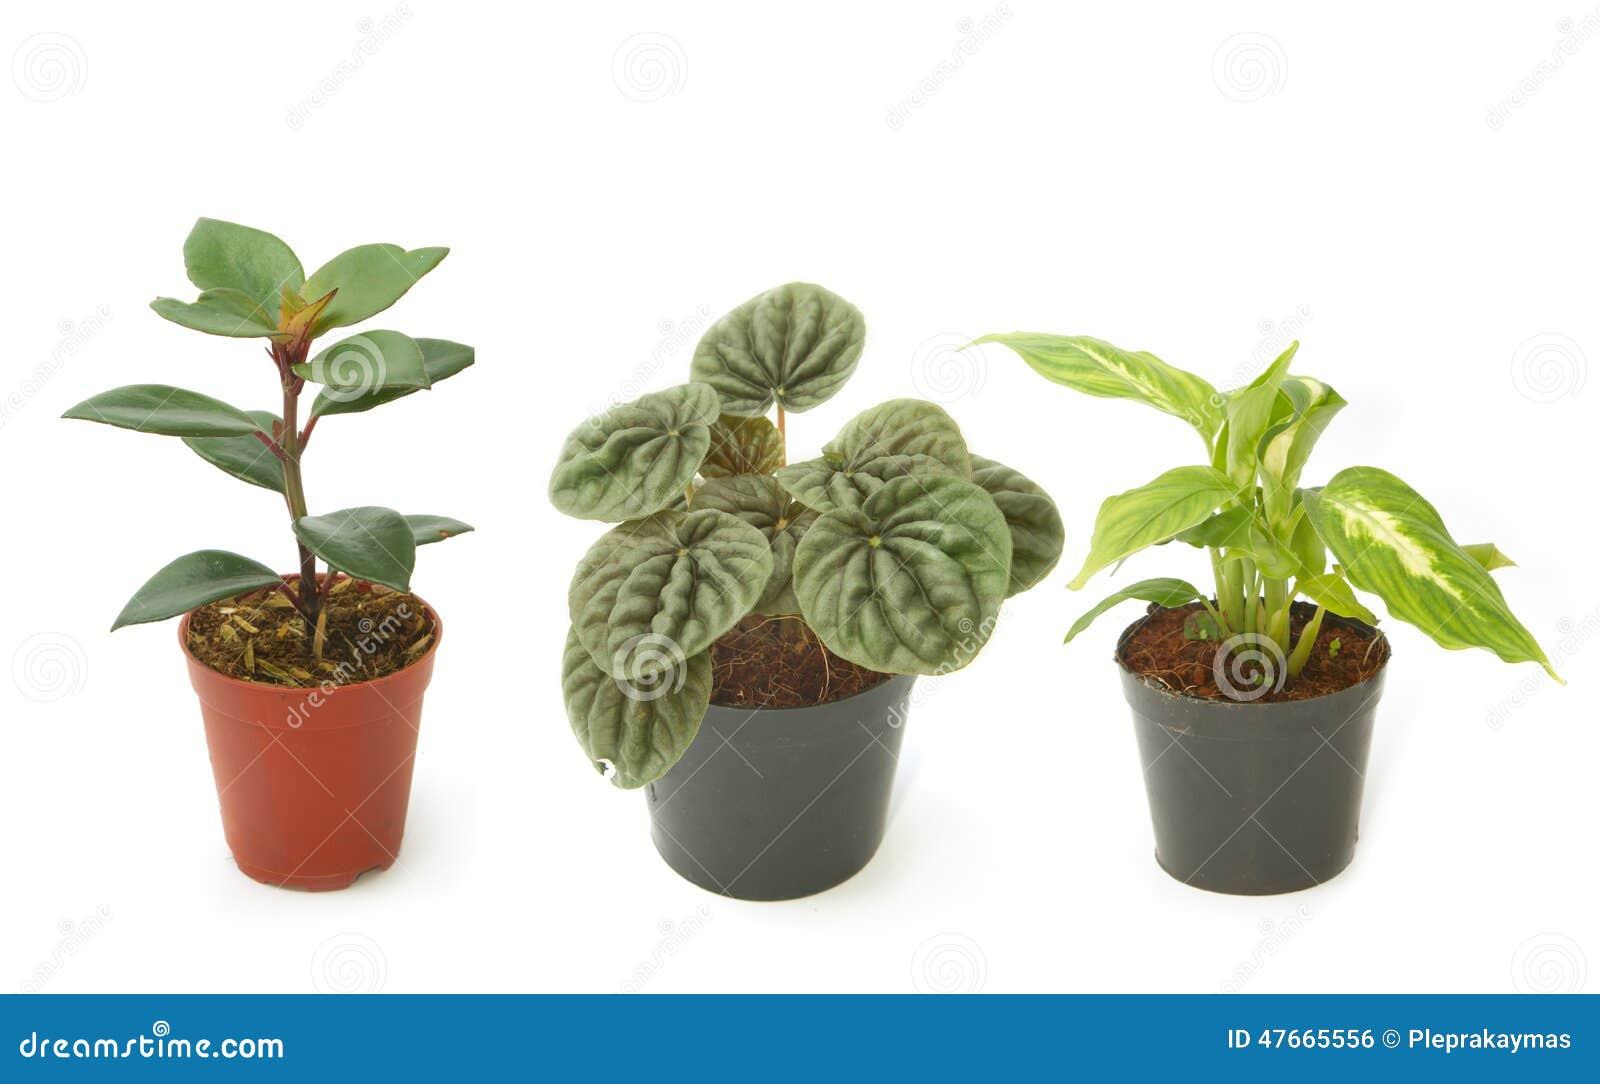 Piante da appartamento verdi assortite in vasi fotografia - Vasi ornamentali da interno ...